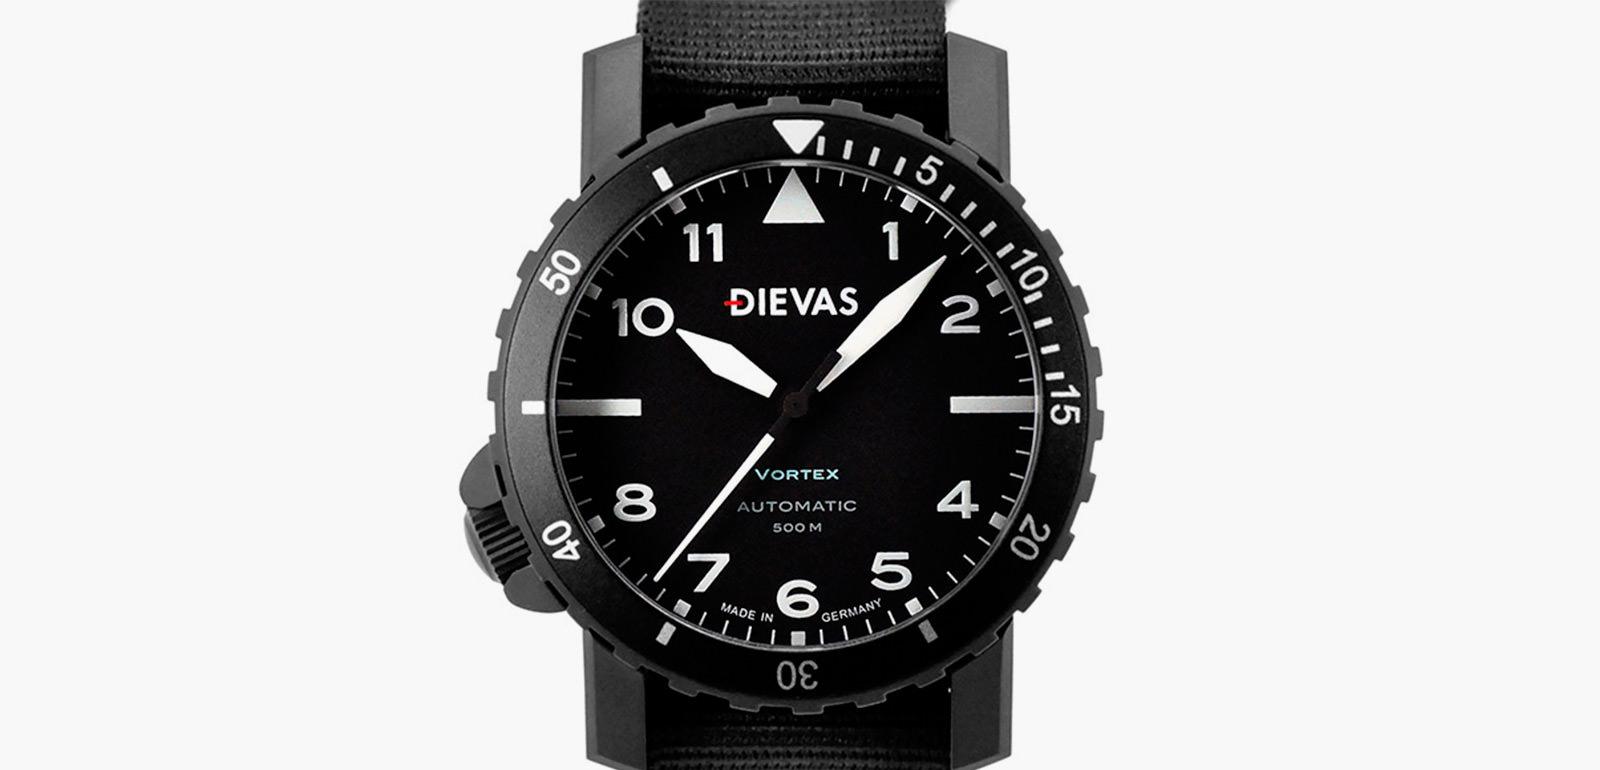 Dievas vortex tactical watch imboldn for Vortix watches